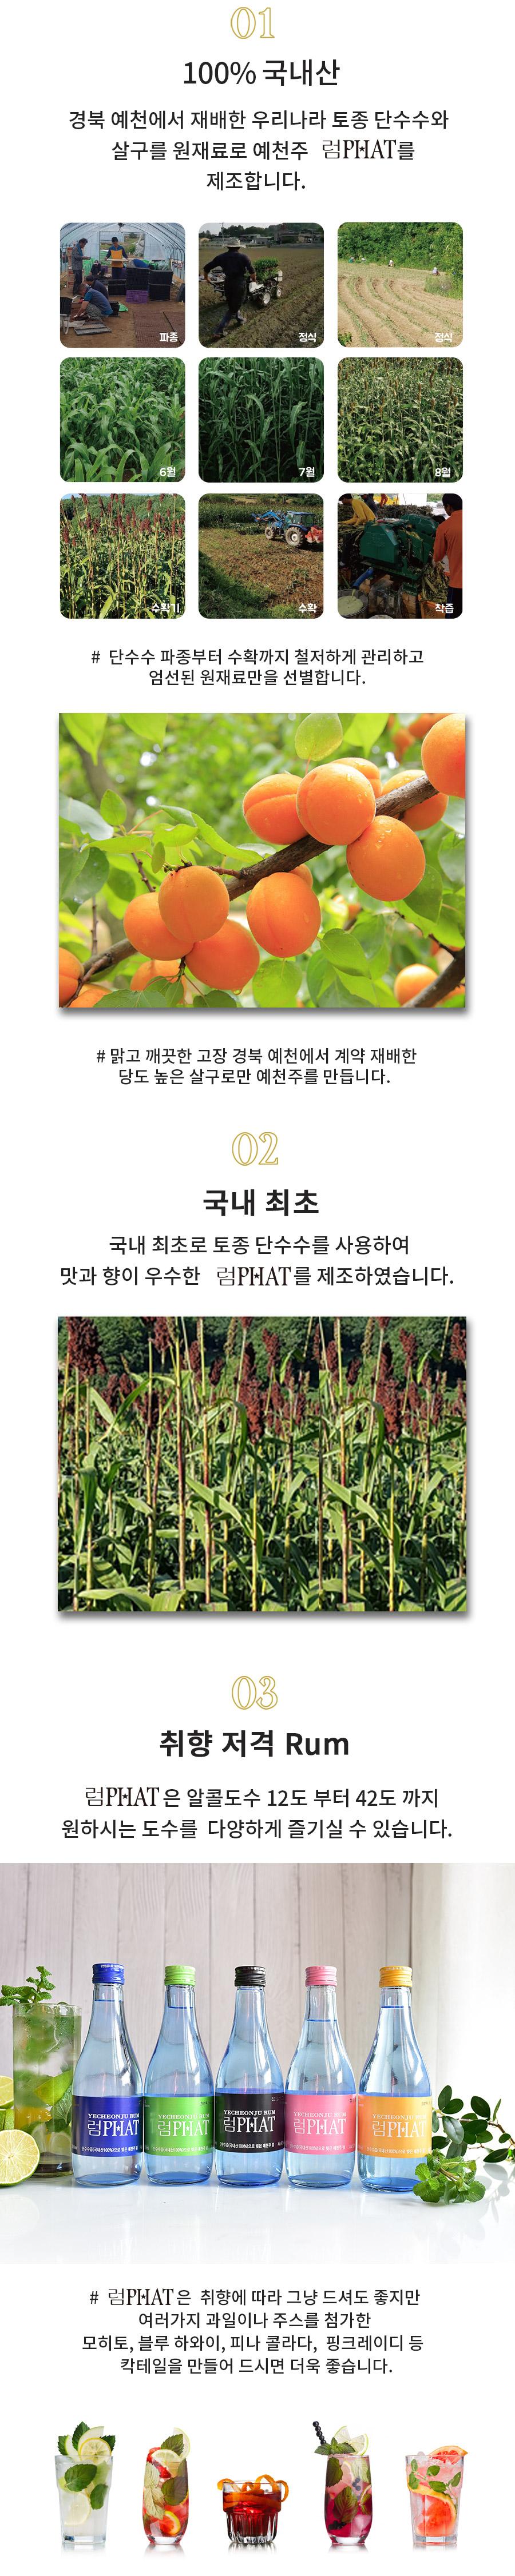 02-럼6병-핑크_02.jpg